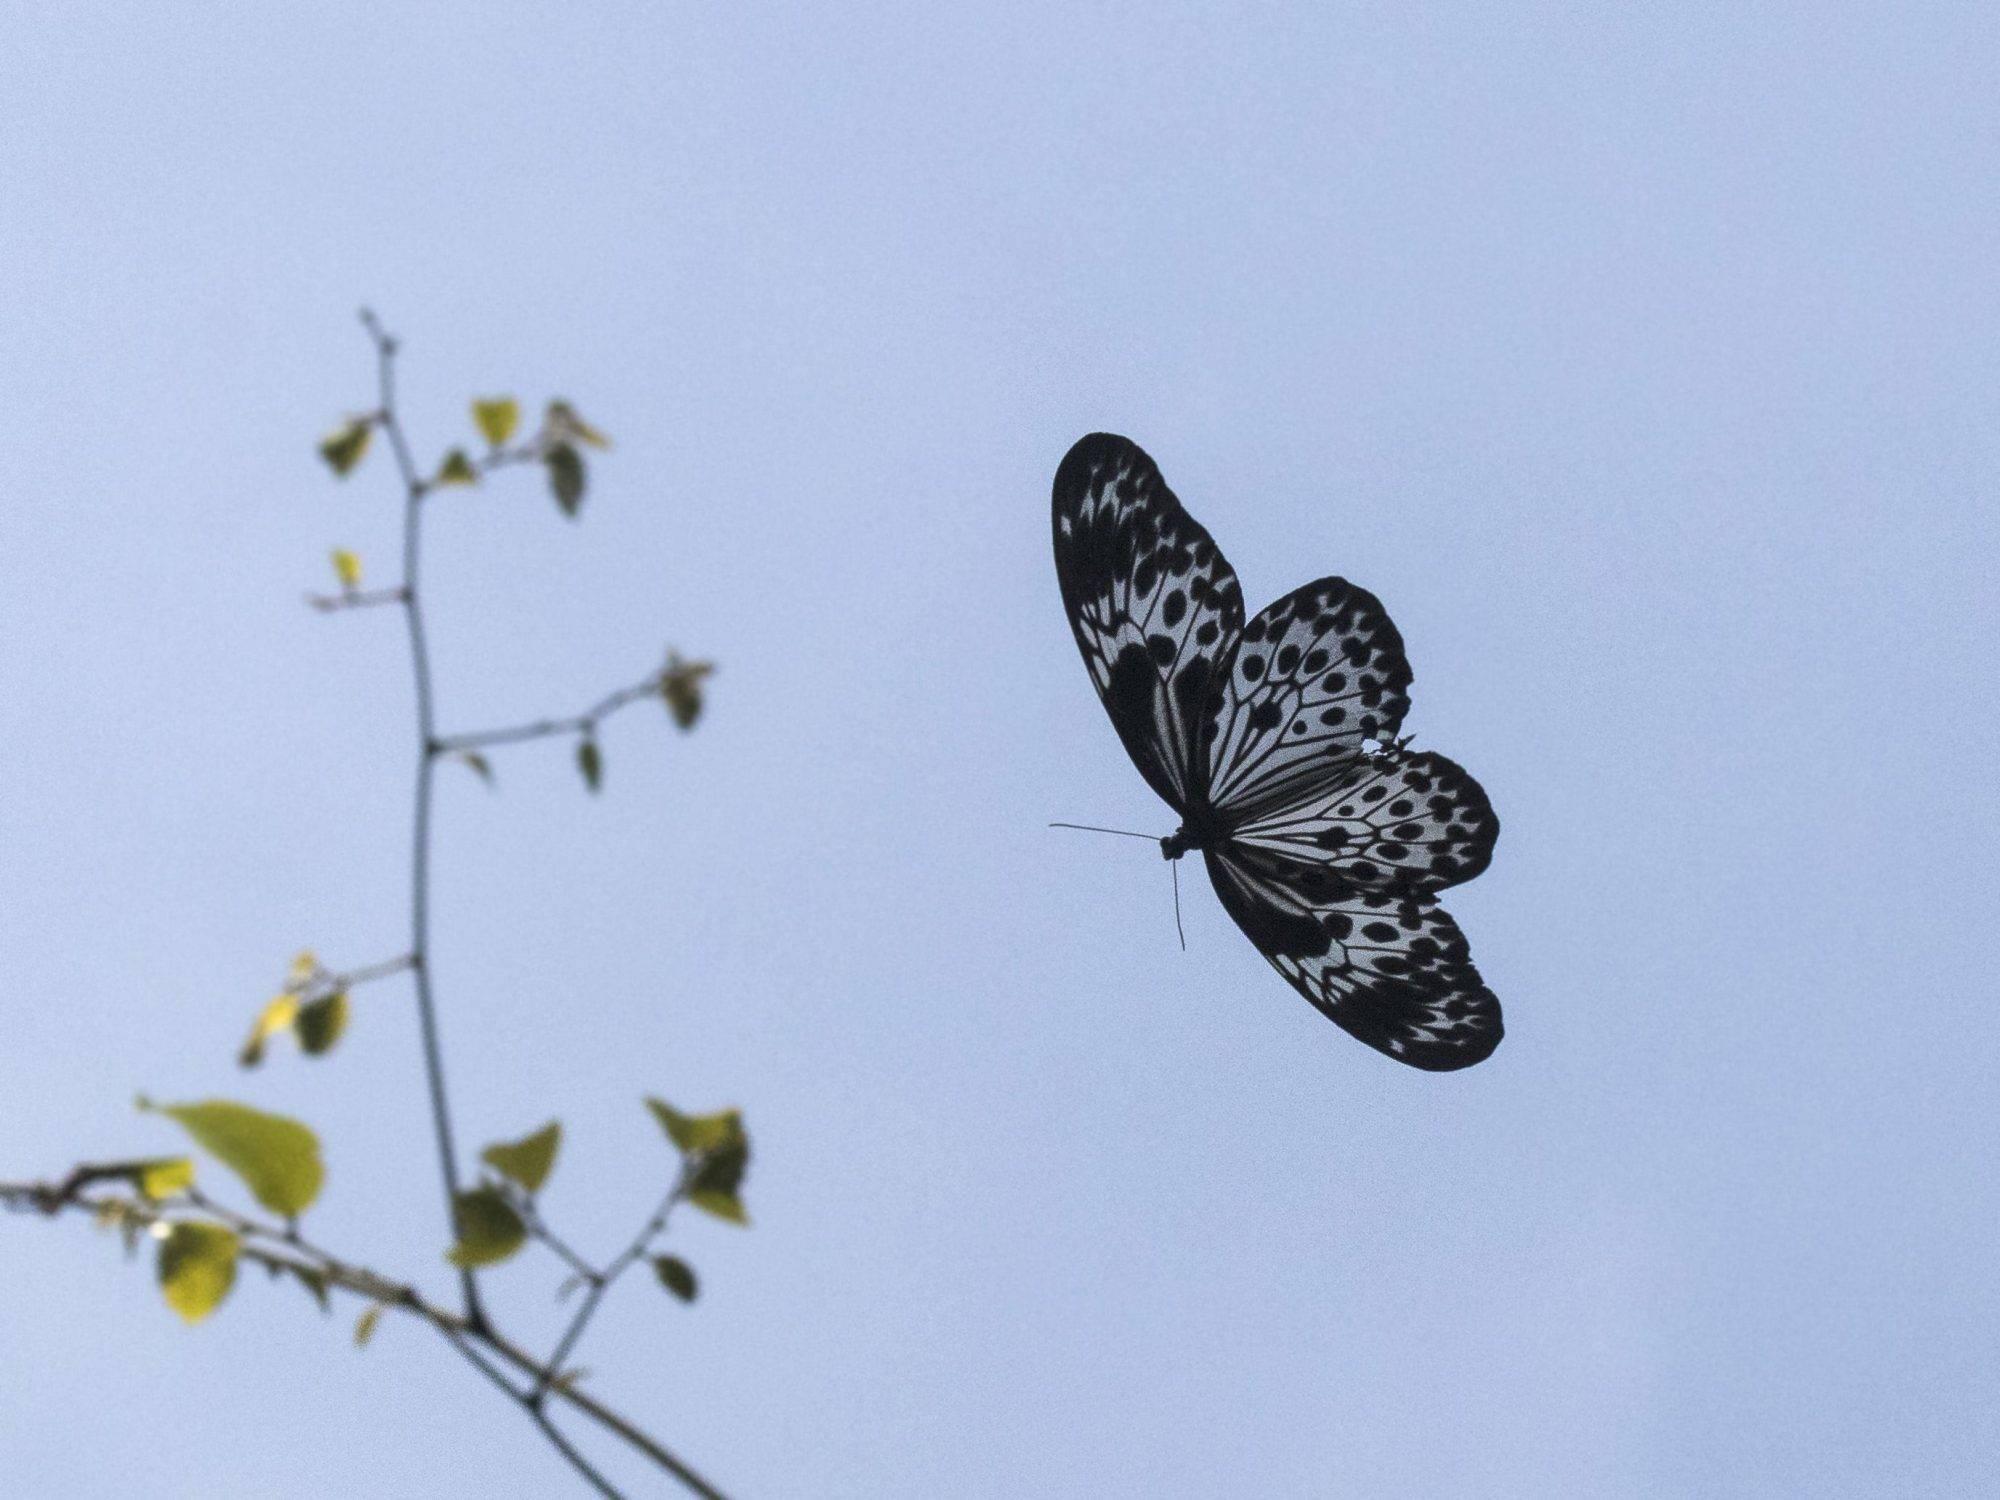 Myanmar Tree-Nymph(Idea agamarschana) ,andaman butterflies,mount harriet butterflies